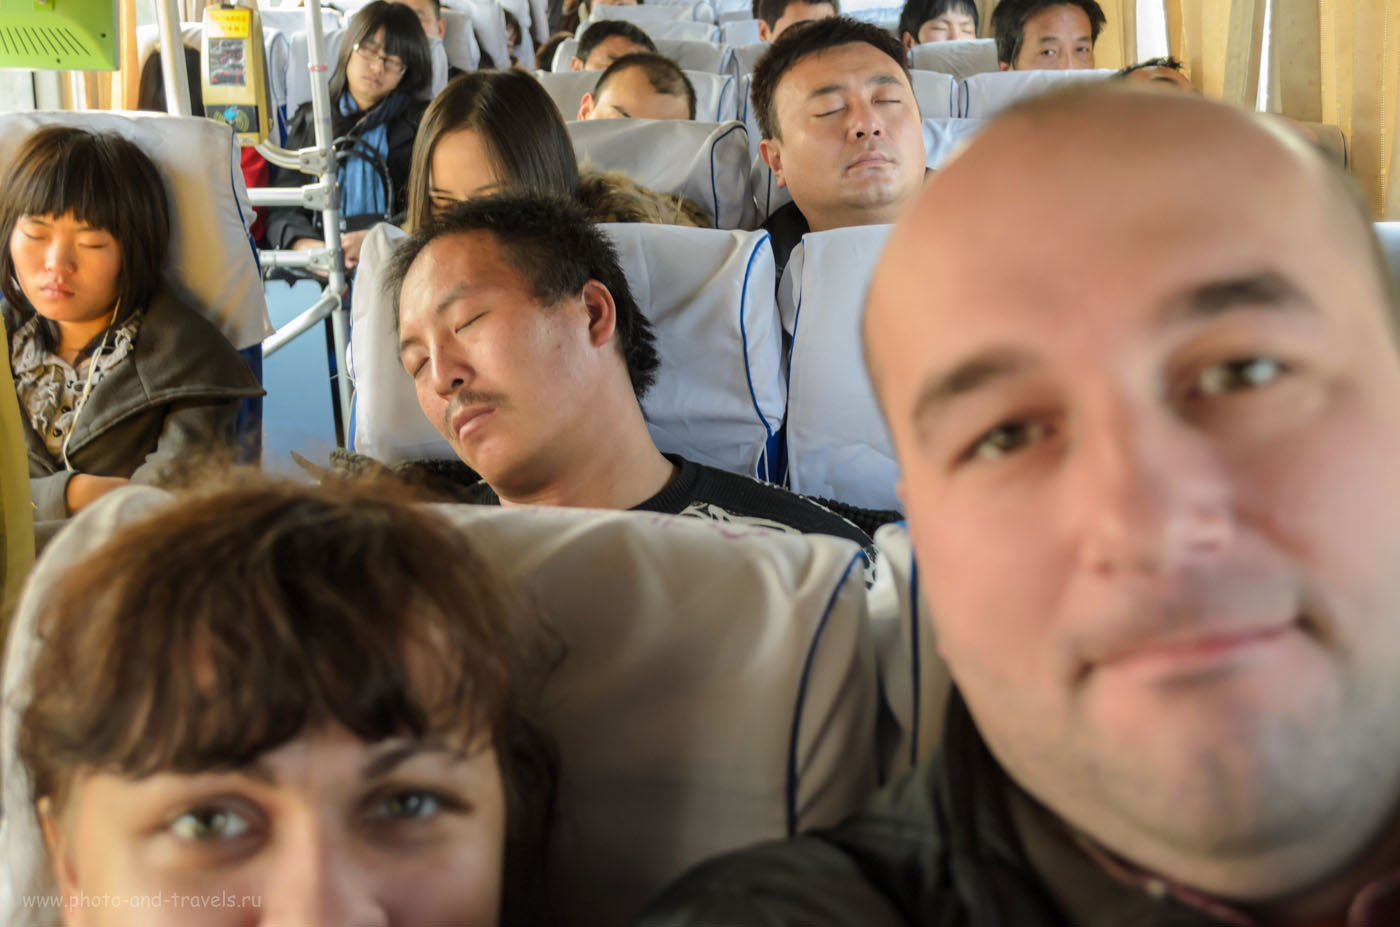 Фото 1. Тихо в автобусе... Только два лаовая не спят... Поездка на Великую Китайскую Стену из Пекина. Отдых в Китае самостоятельно. Фотографии в отчете сняты на любительский зеркальный фотоаппарат Nikon D5100 KIT 18-55mm.